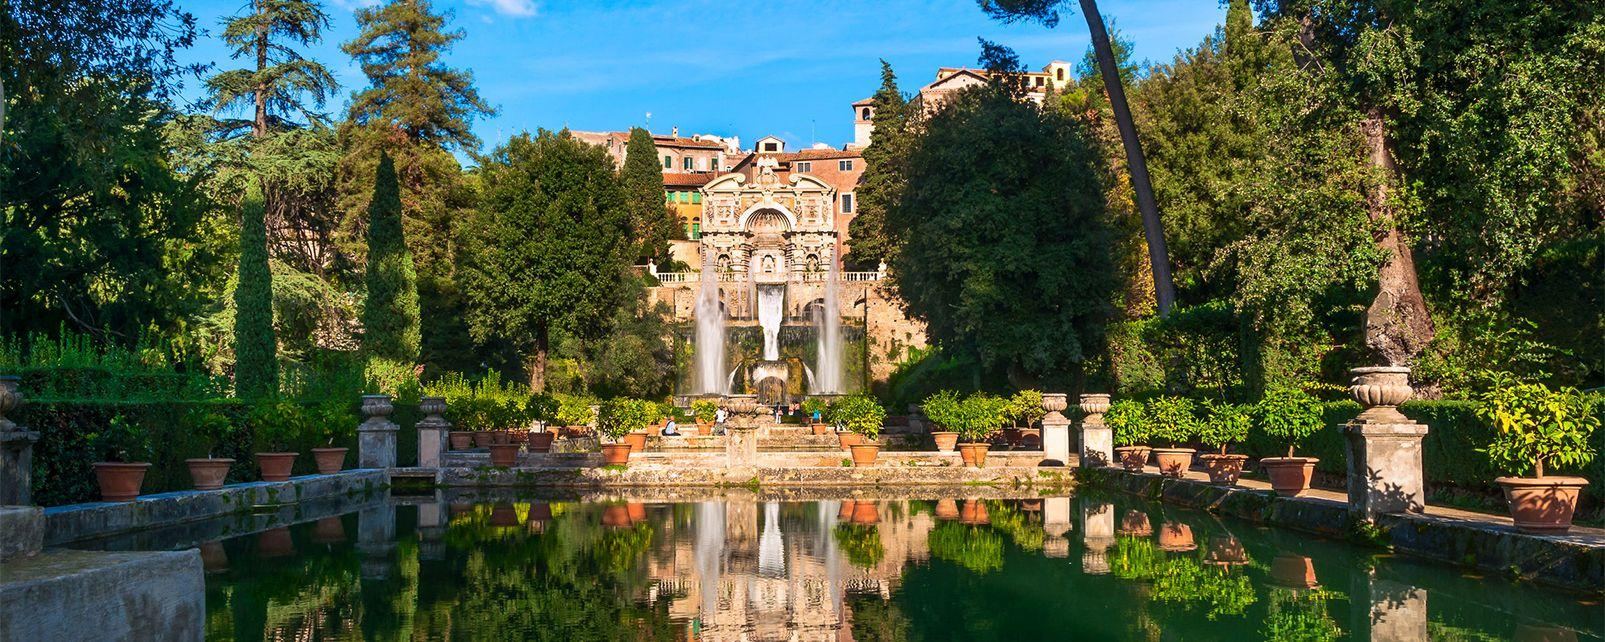 La villa d 39 este de tivoli latium italie for Jardin villa d este